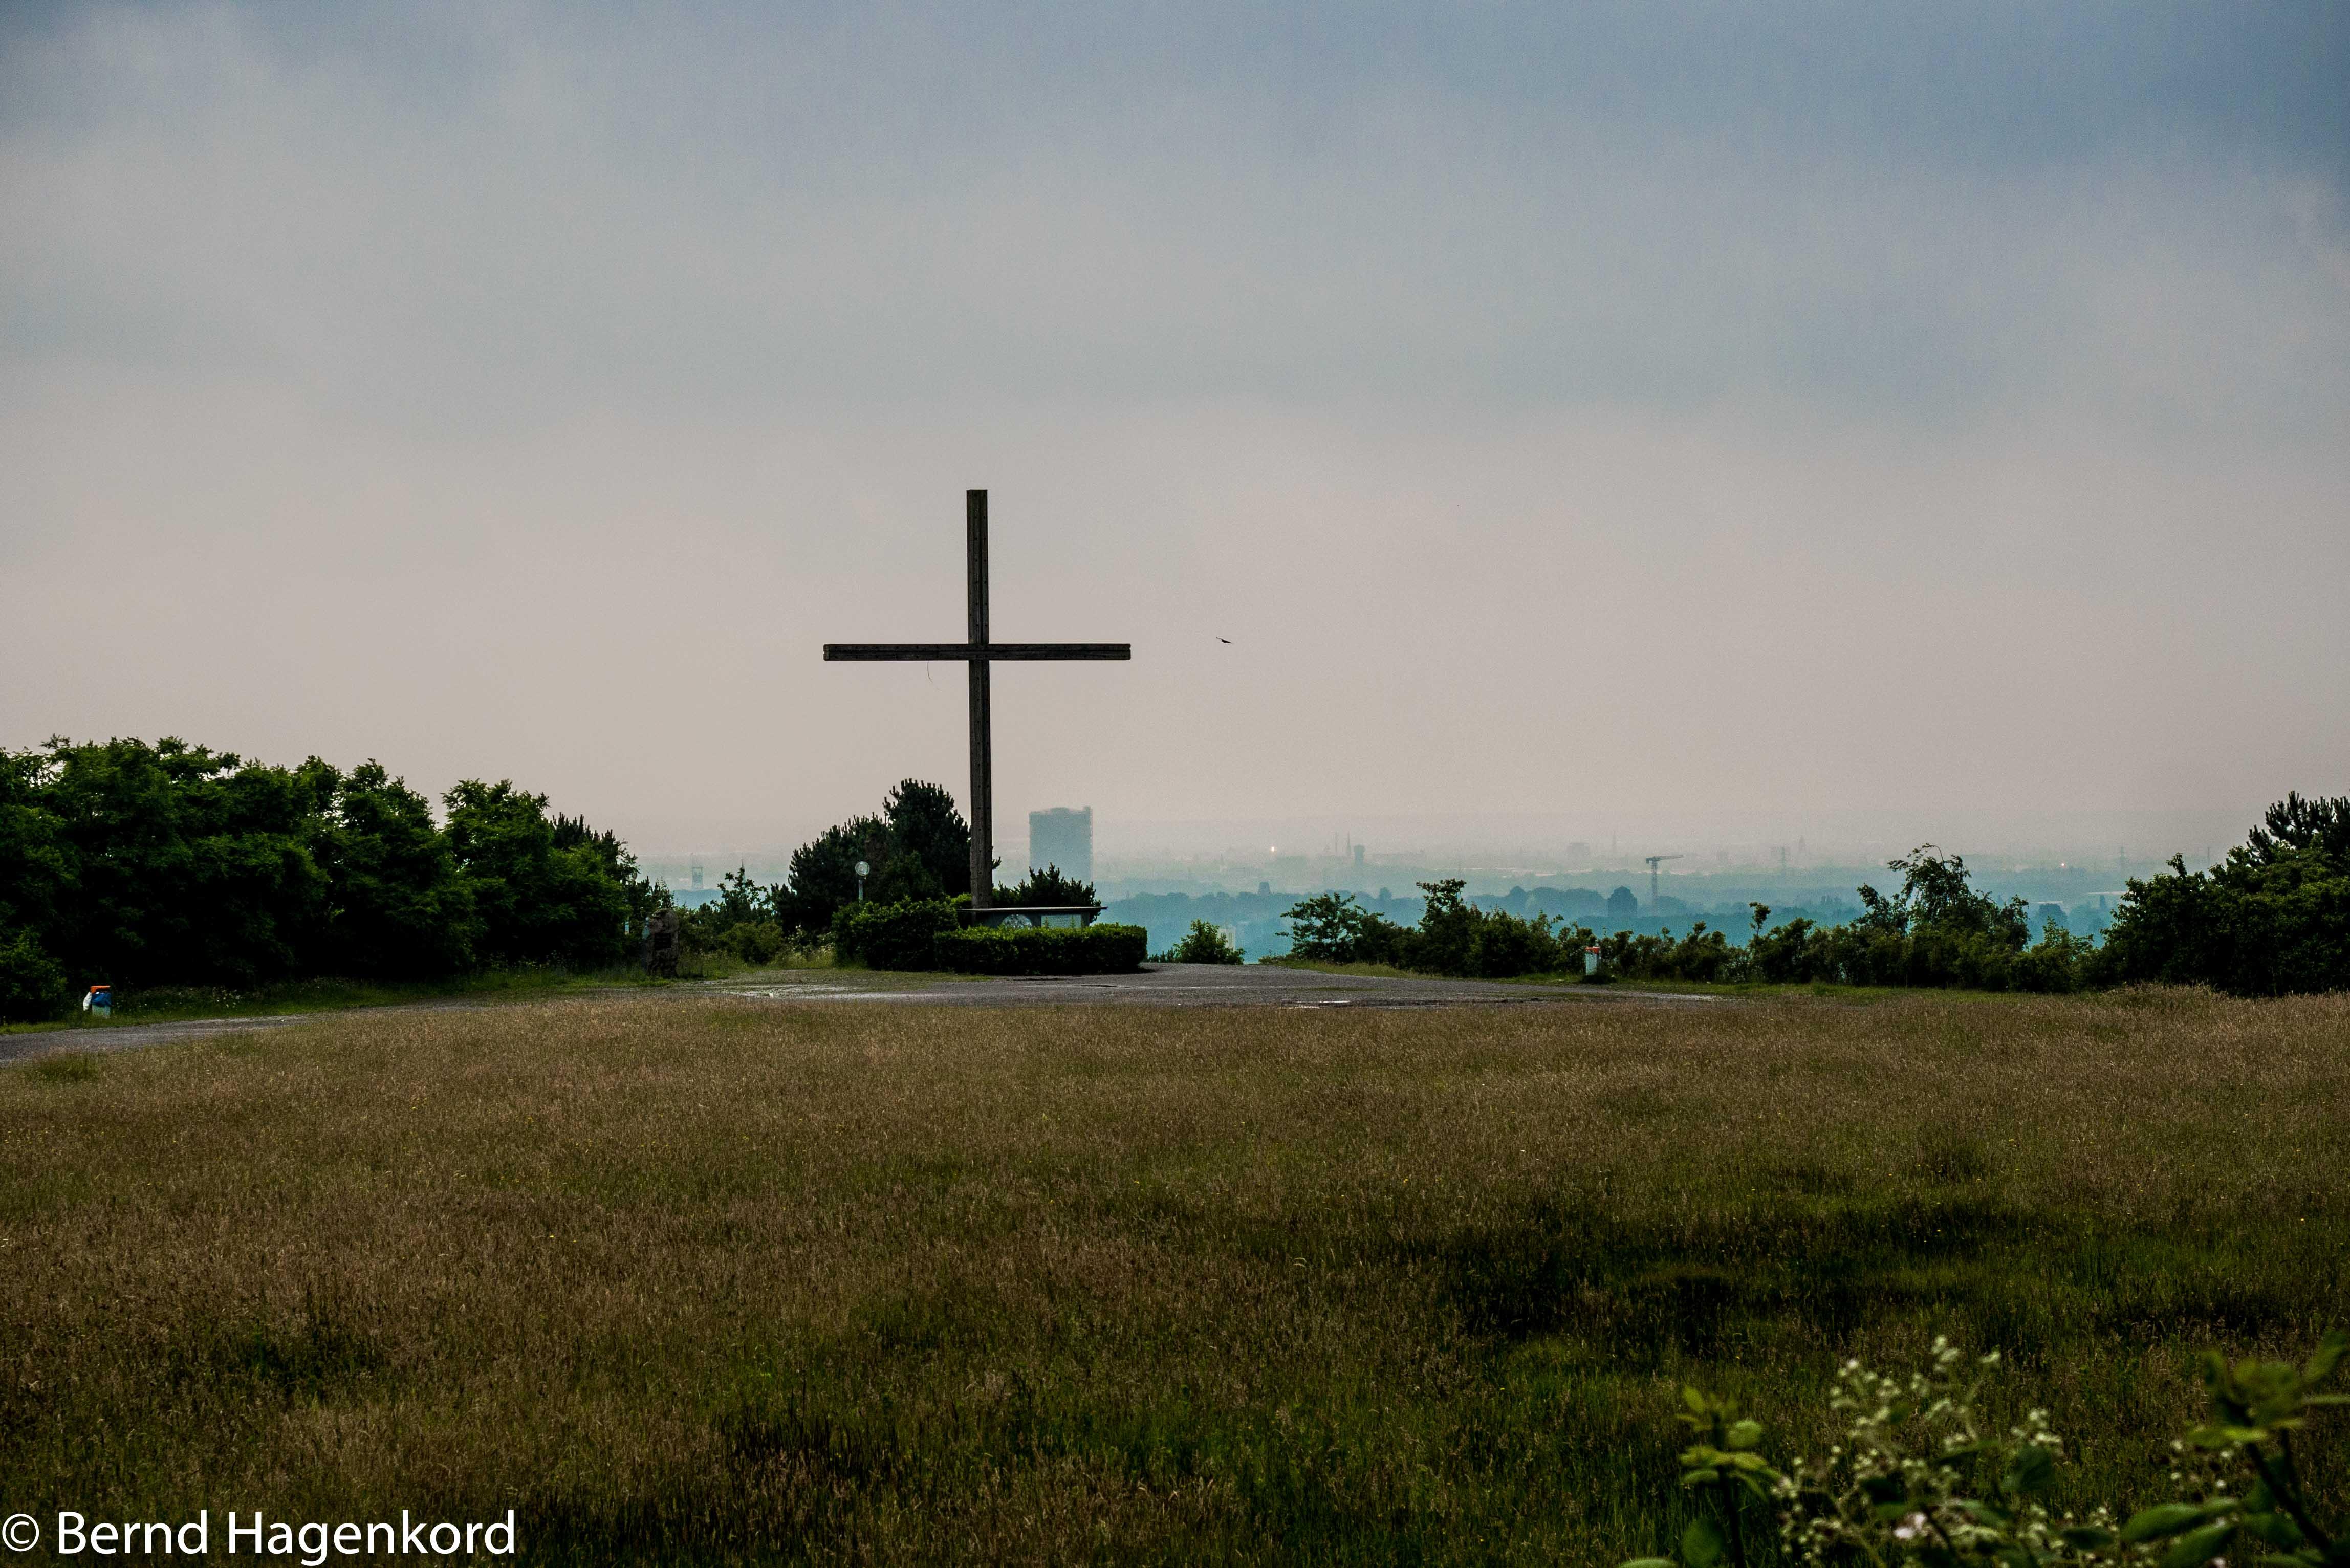 Kreuz auf der Halde: die Moderne und der Glaube